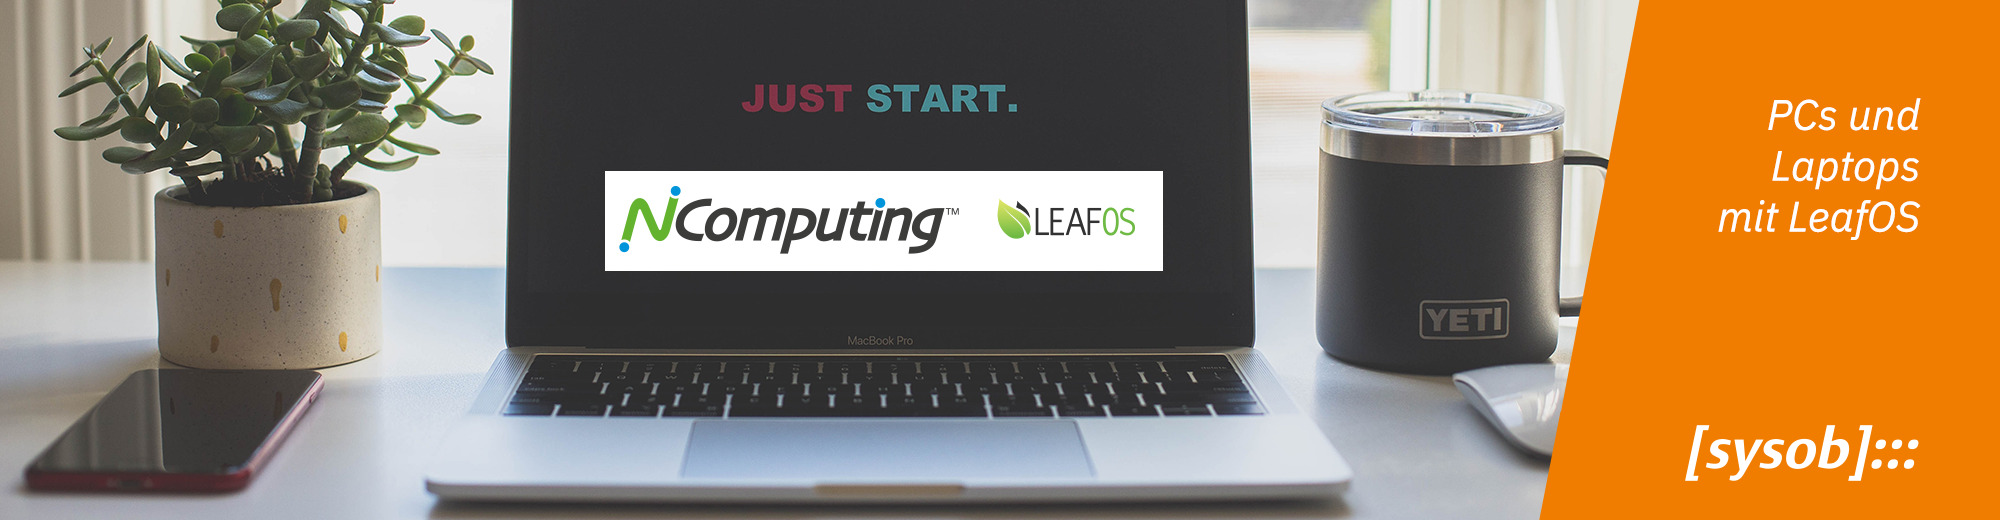 NComputing und LeafOS für hohe Performance